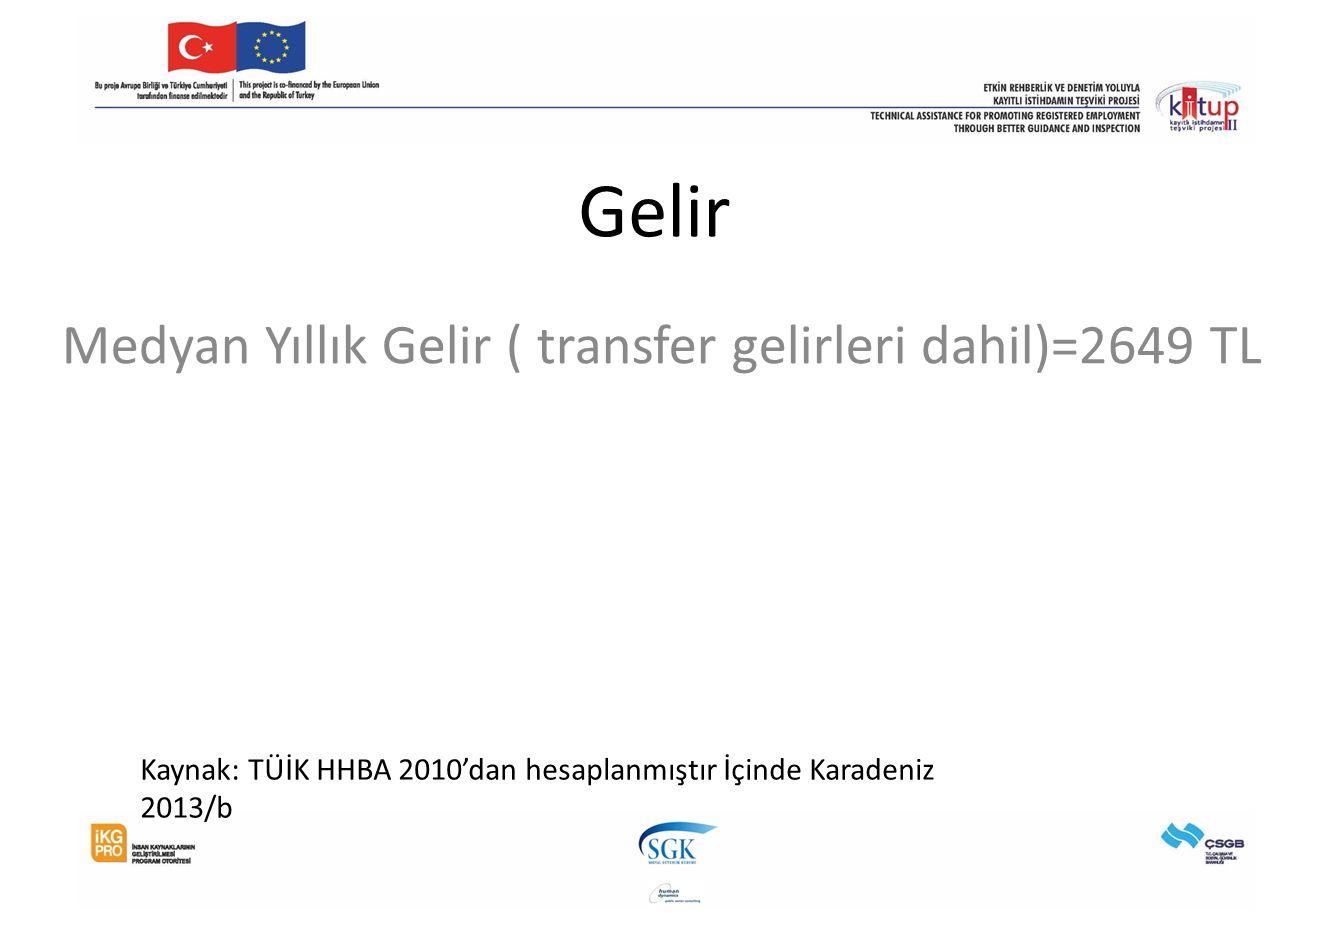 Gelir Medyan Yıllık Gelir ( transfer gelirleri dahil)=2649 TL Kaynak: TÜİK HHBA 2010'dan hesaplanmıştır İçinde Karadeniz 2013/b